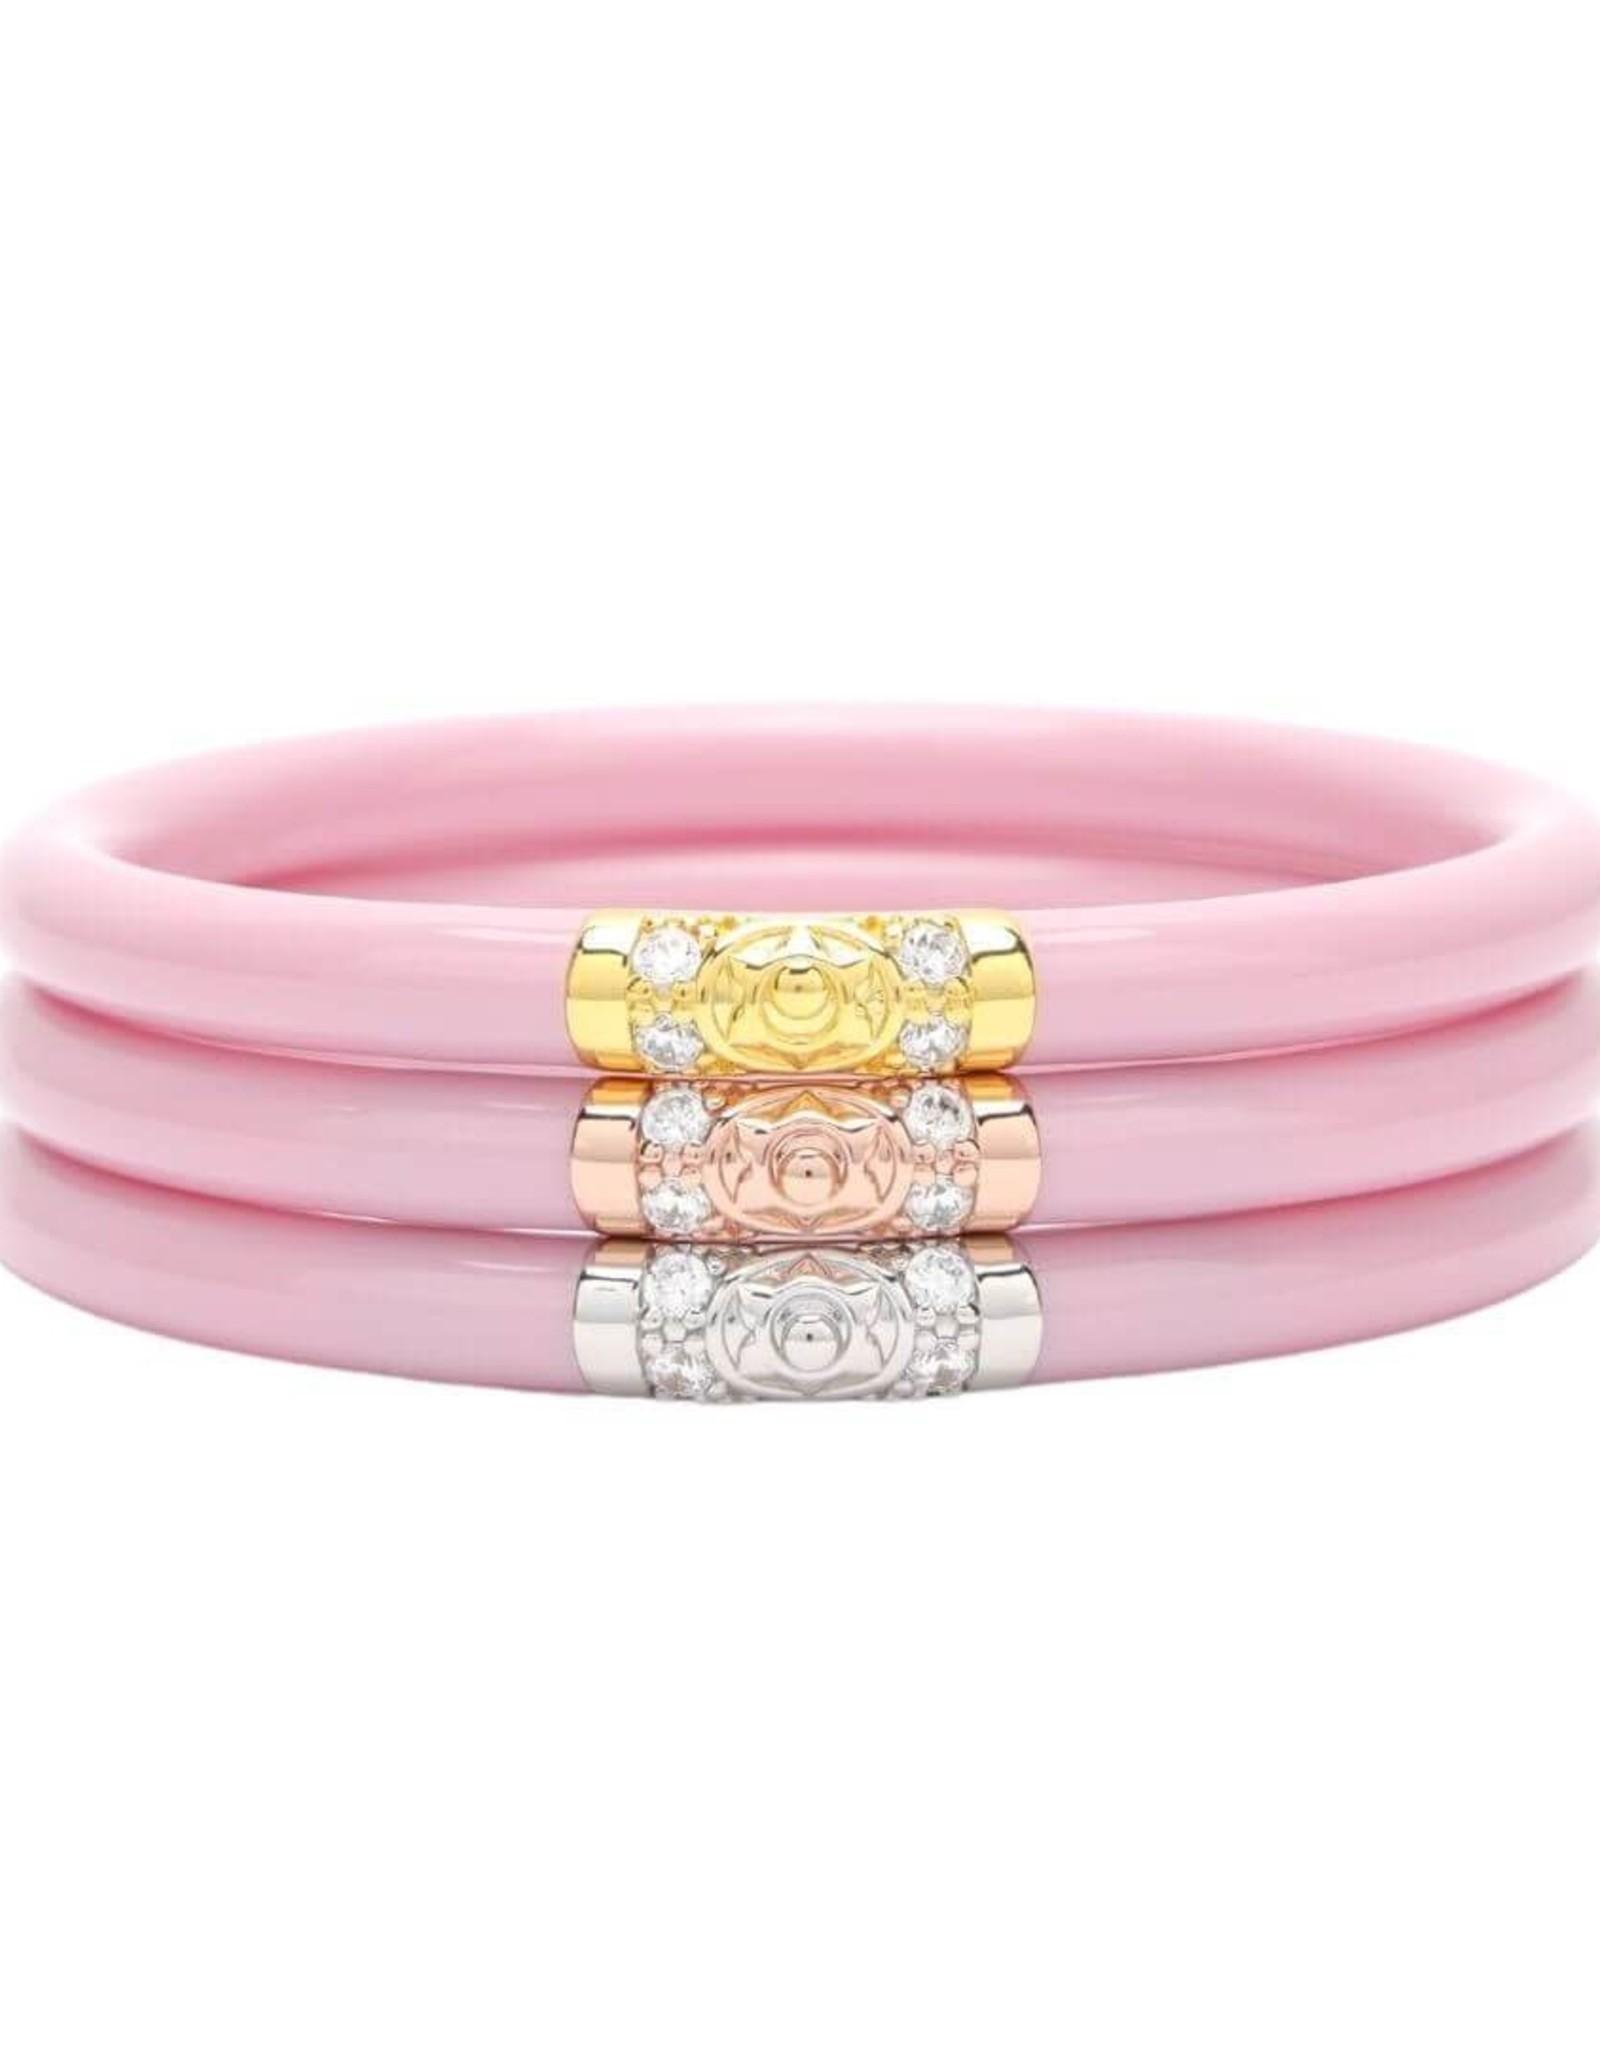 BuDhaGirl bangles (set of 3)- pink three kings